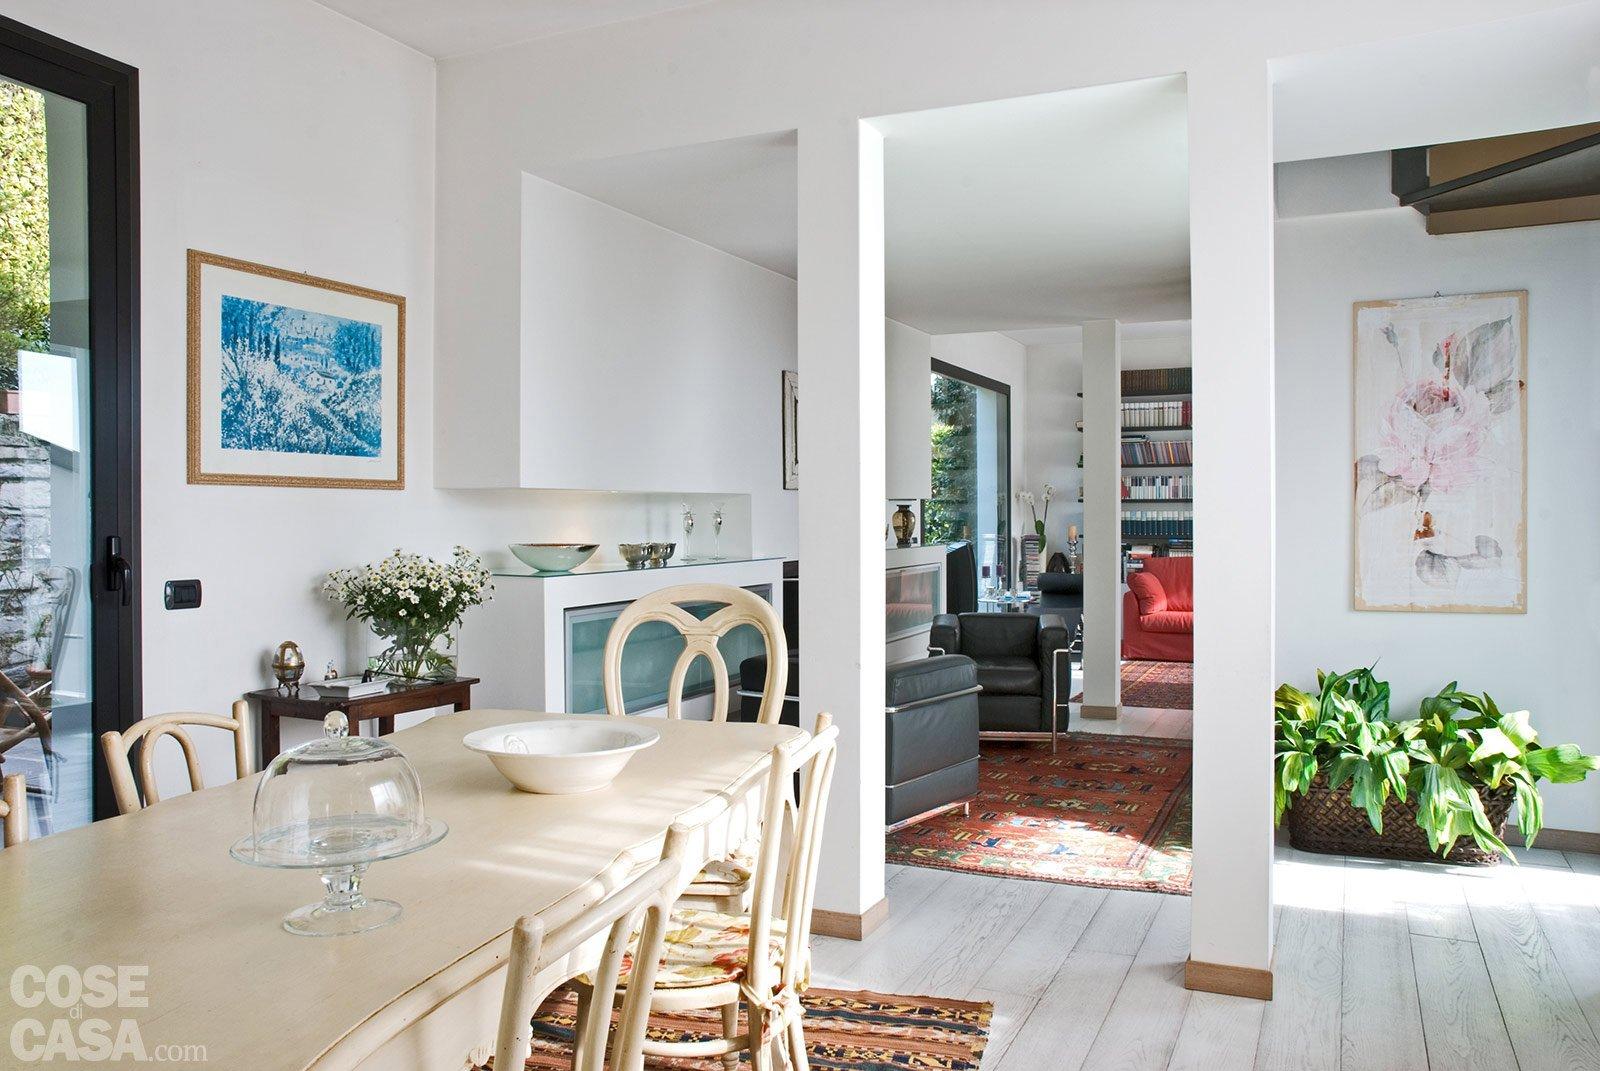 casa di 60 mq con soppalco : La casa di 60 mq raddoppia sfruttando il sottotetto - Cose di Casa